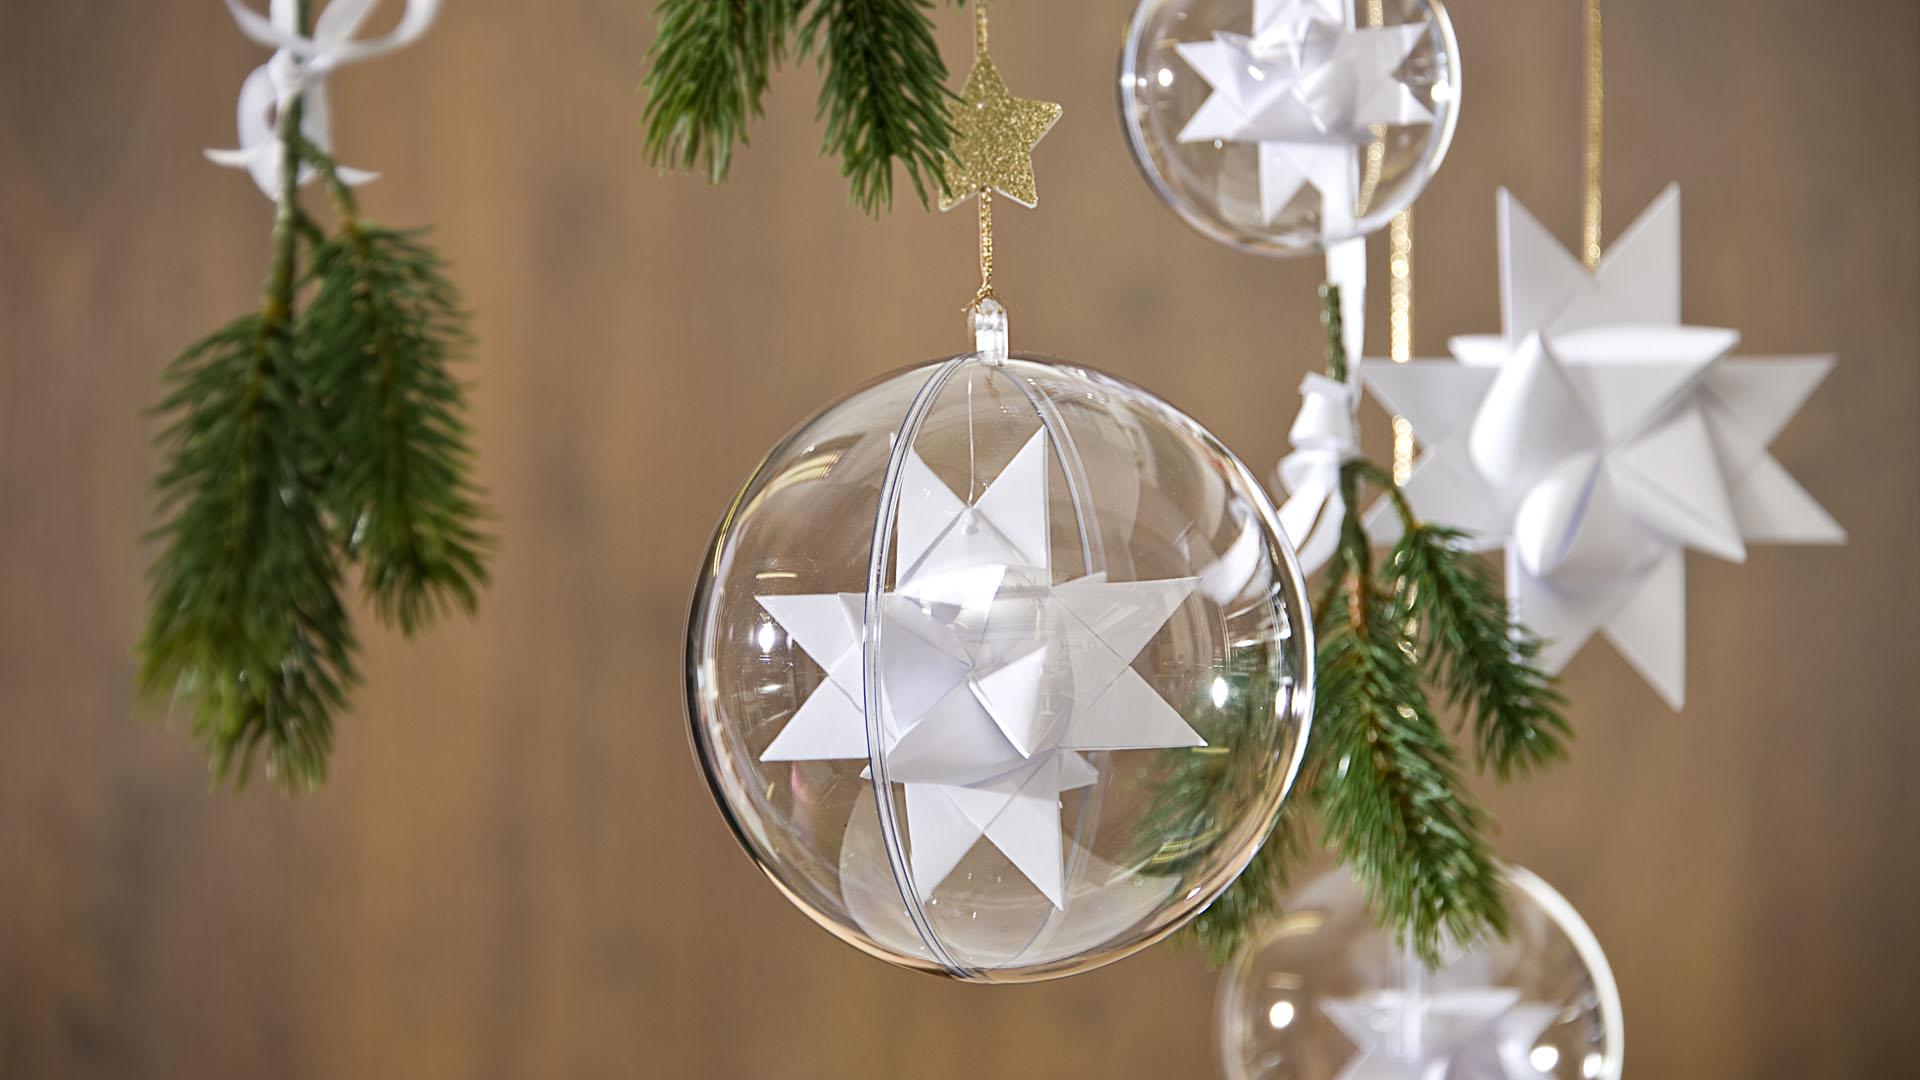 Ideen für Weihnachten: Fröbelsterne ganz in Weiß